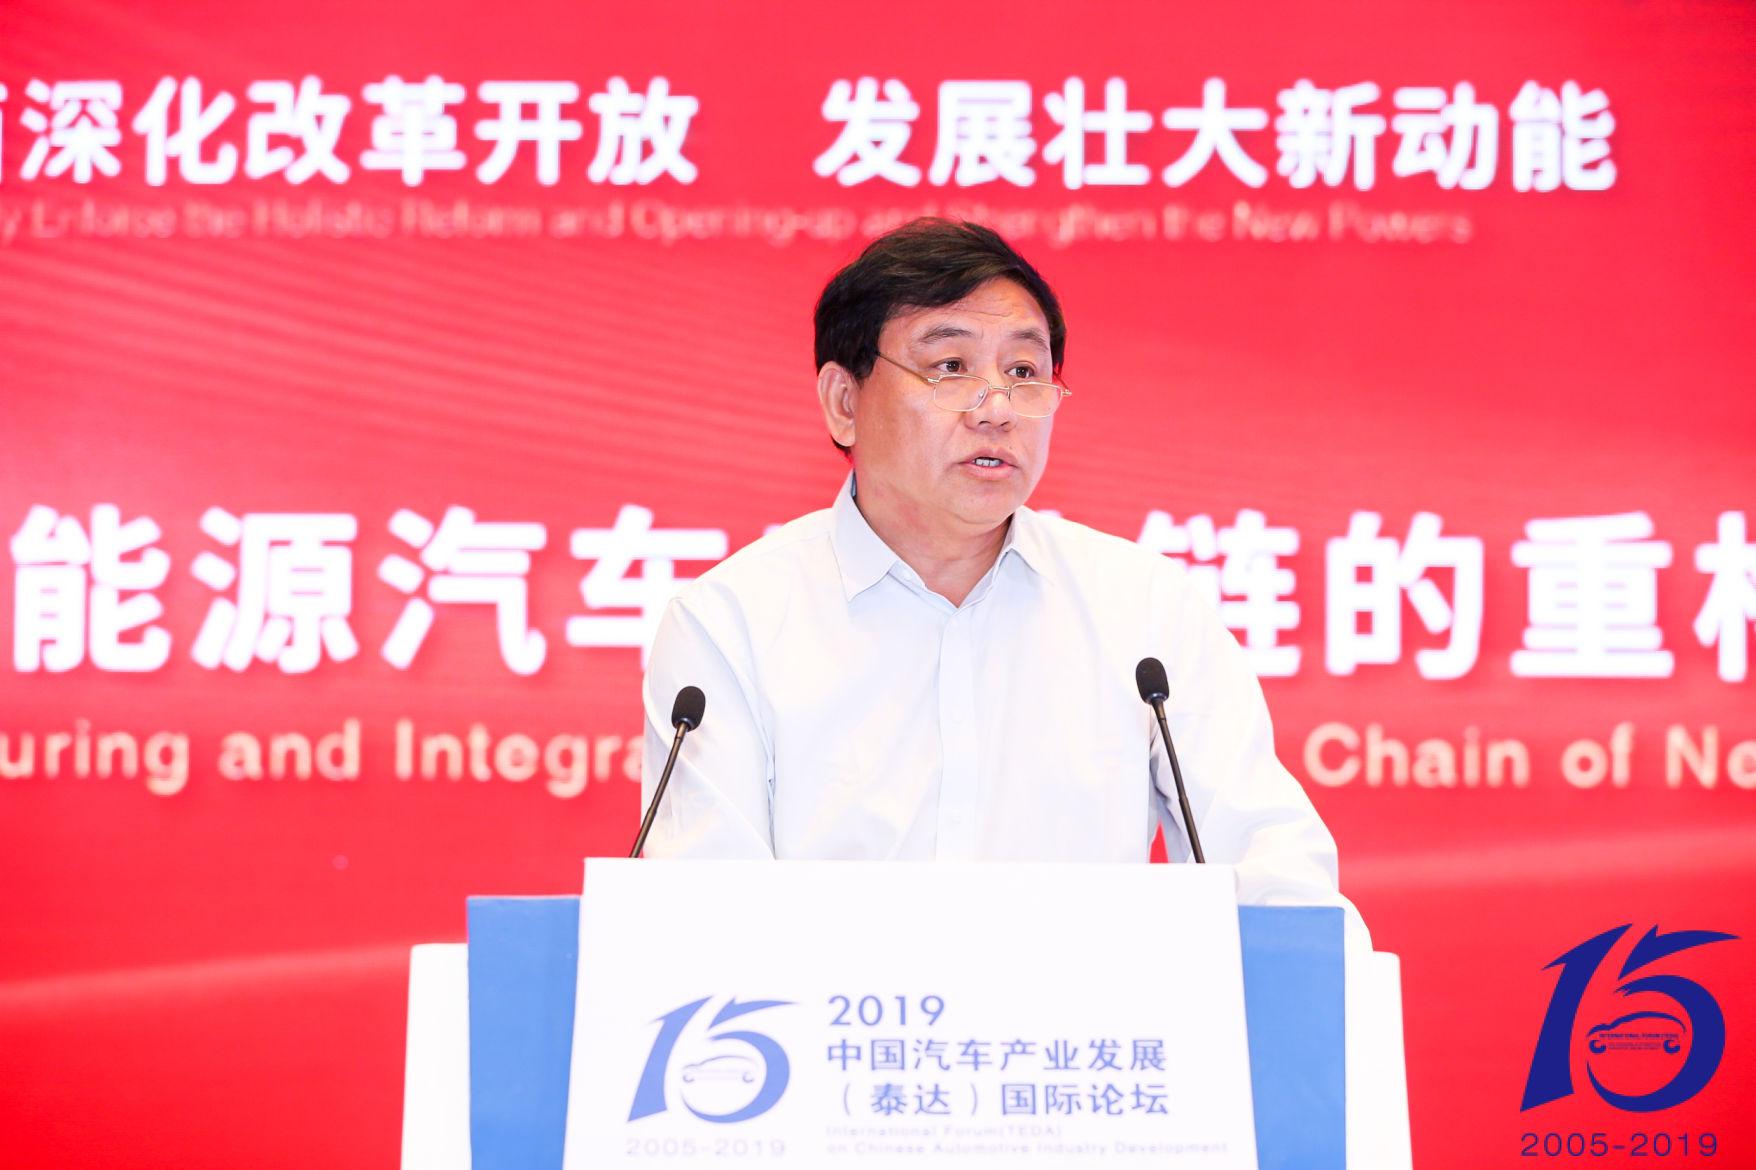 北京新能源汽车有限公司党委副书记、总经理马仿列